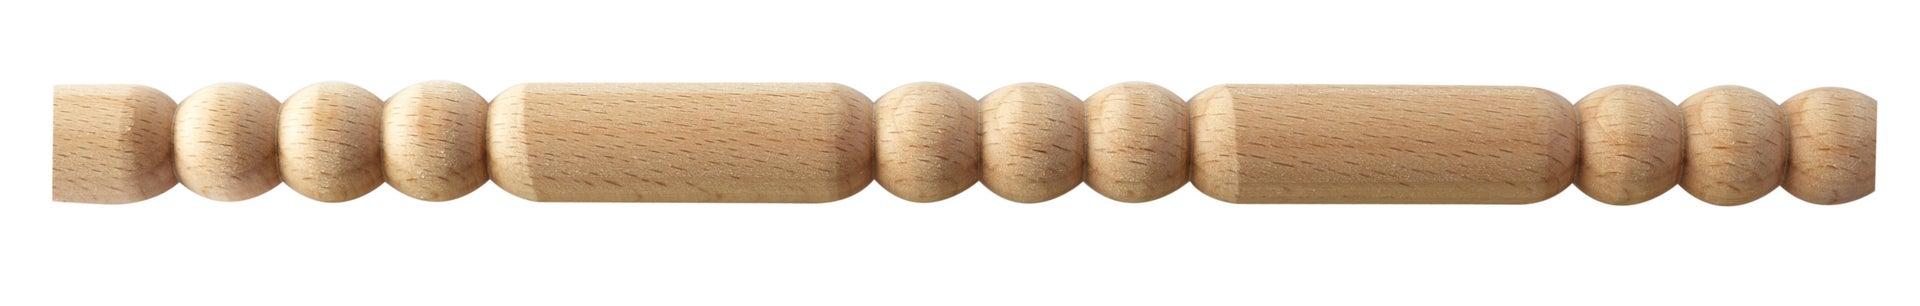 Asta rettangolare in faggio grezzo 1000 x 10.5 x 52.5 mm 5 pezzi - 1